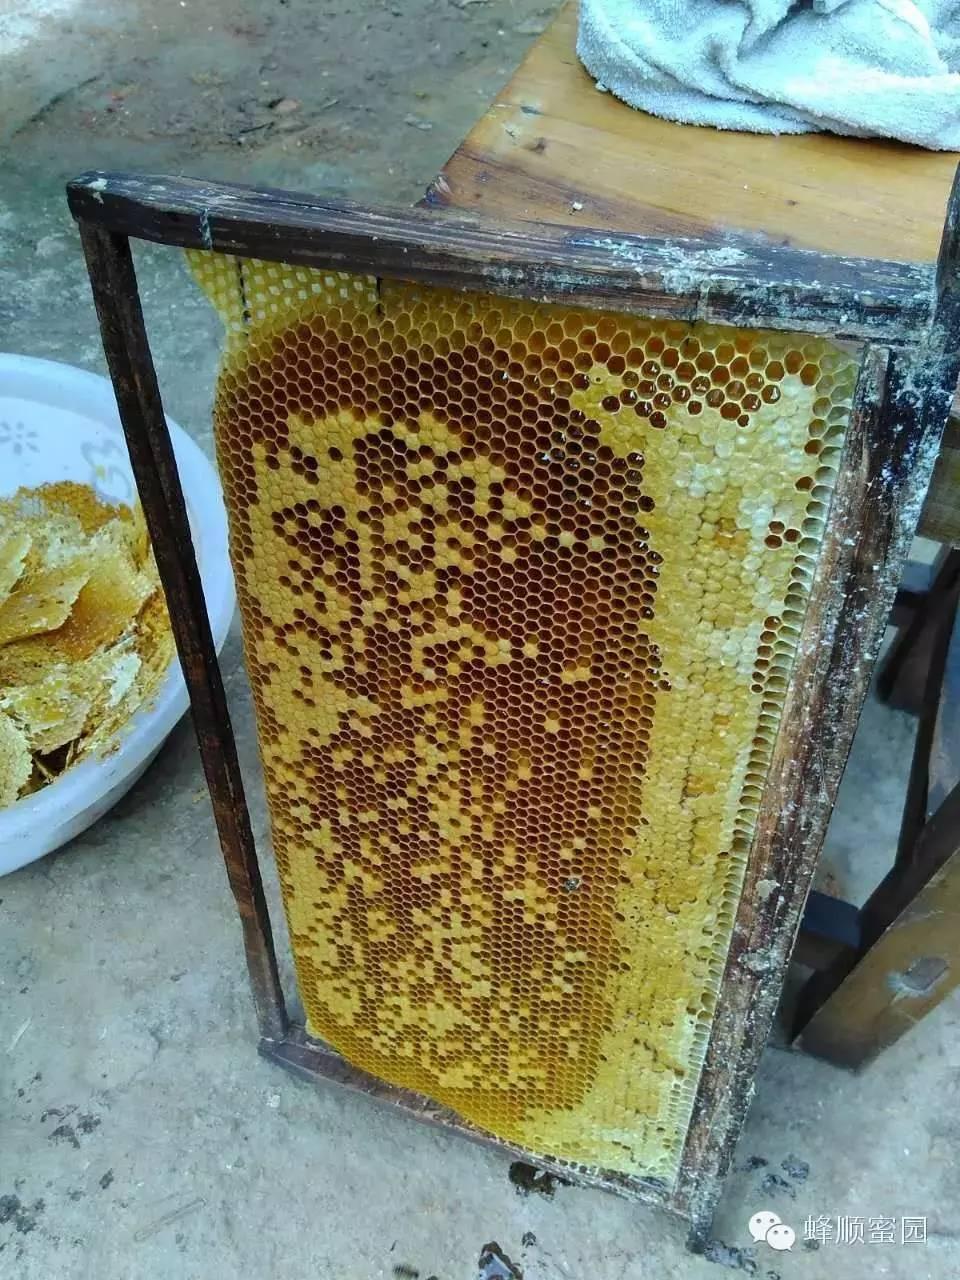 蜂花粉 买蜂蜜哪个网站好 蜂蜜柚子茶的价格 纯天然蜂蜜厂家 蜂蜜哪个牌子比较好